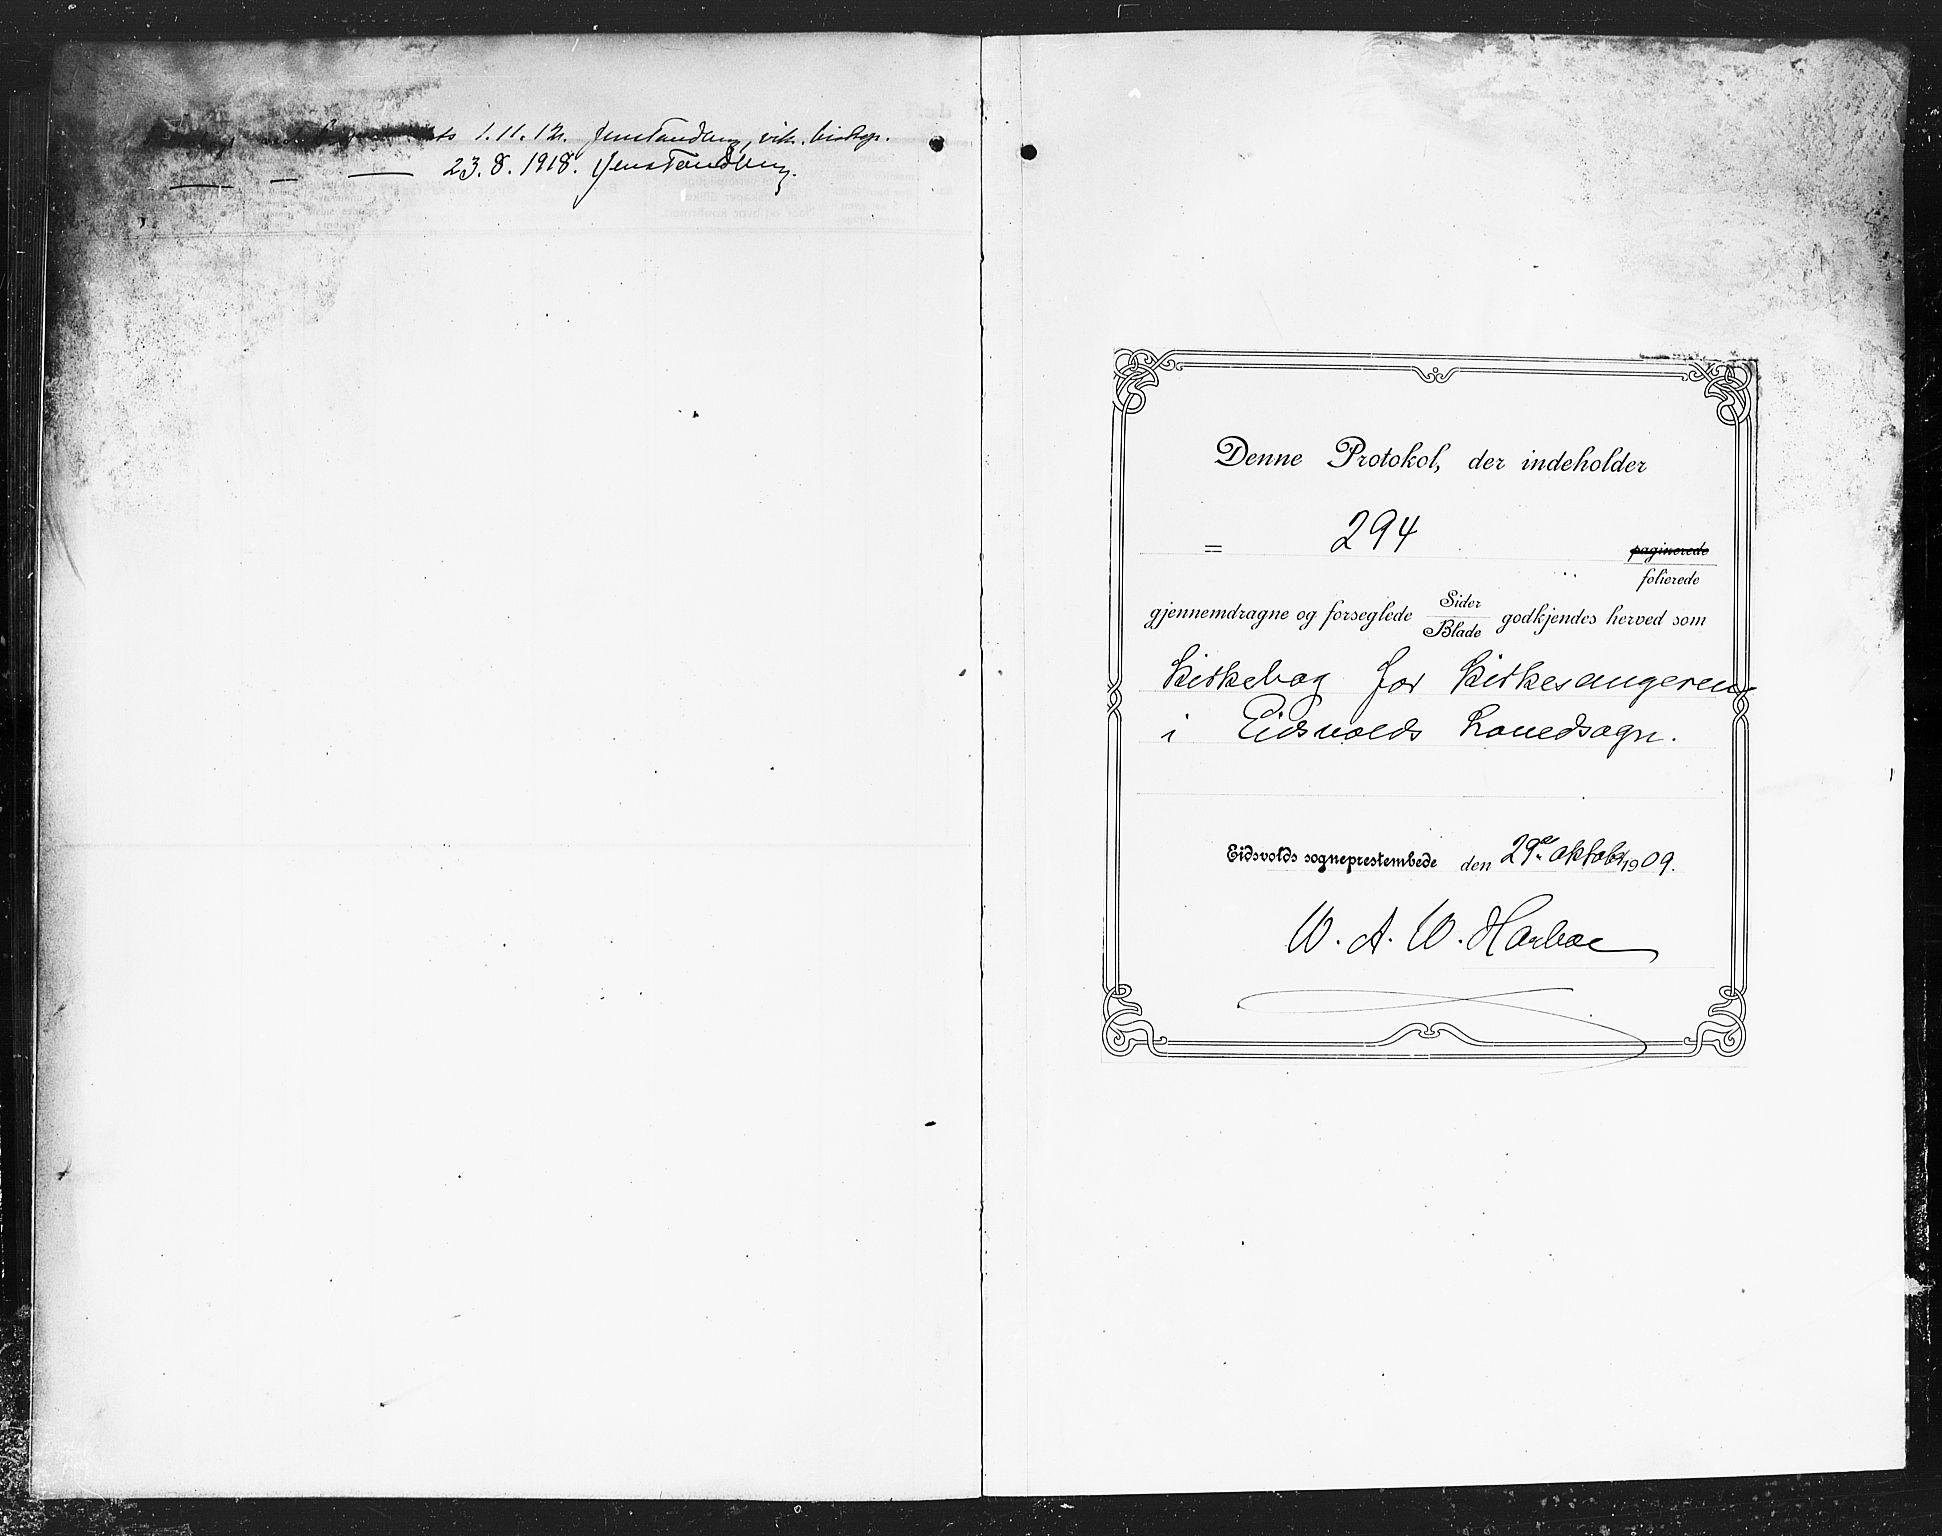 SAO, Eidsvoll prestekontor Kirkebøker, G/Ga/L0008: Klokkerbok nr. I 8, 1909-1918